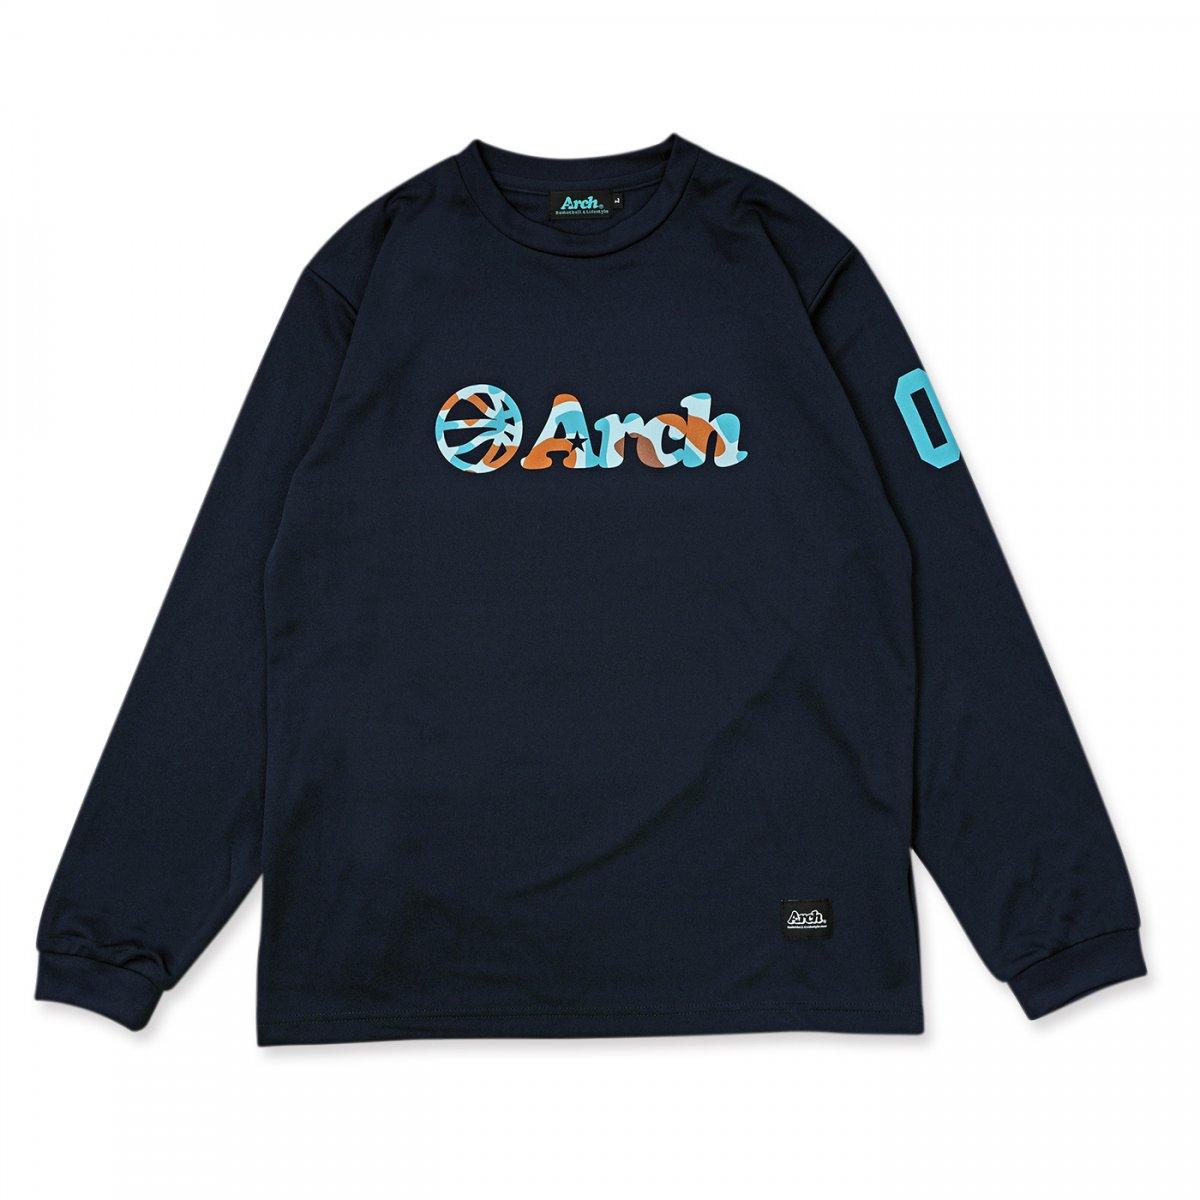 カモボール ロゴ L/Tシャツ ネイビー